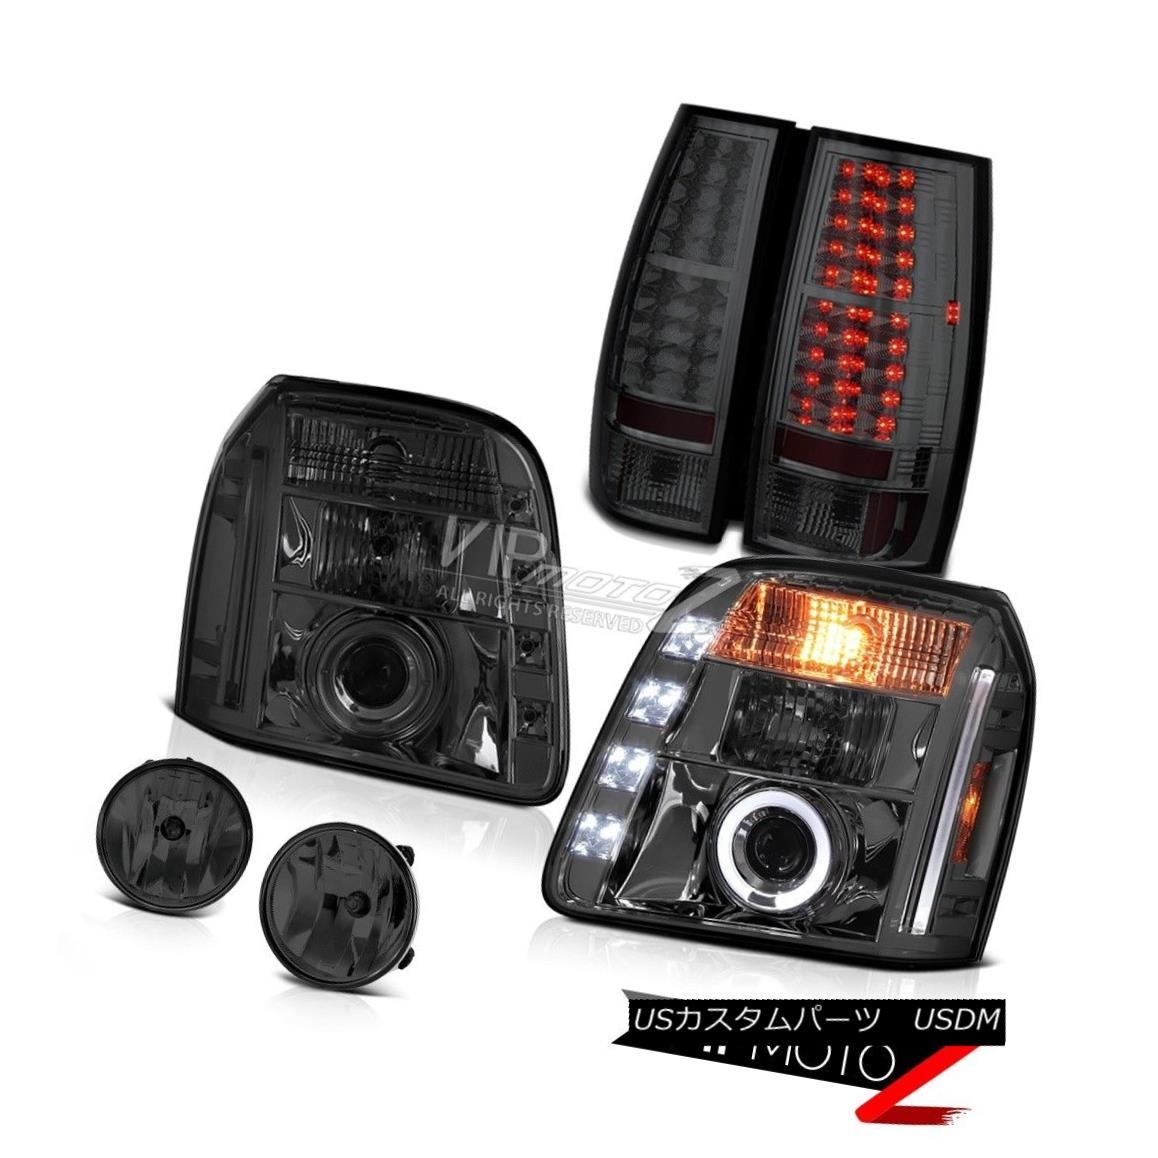 ヘッドライト 07-14 GMC Yukon XL SLT Phantom Smoke Foglights Taillamps Headlamps SMD Dual Halo 07-14 GMC Yukon XL SLTファントムスモークフォグライトタイルランプヘッドランプSMDデュアルヘイロー